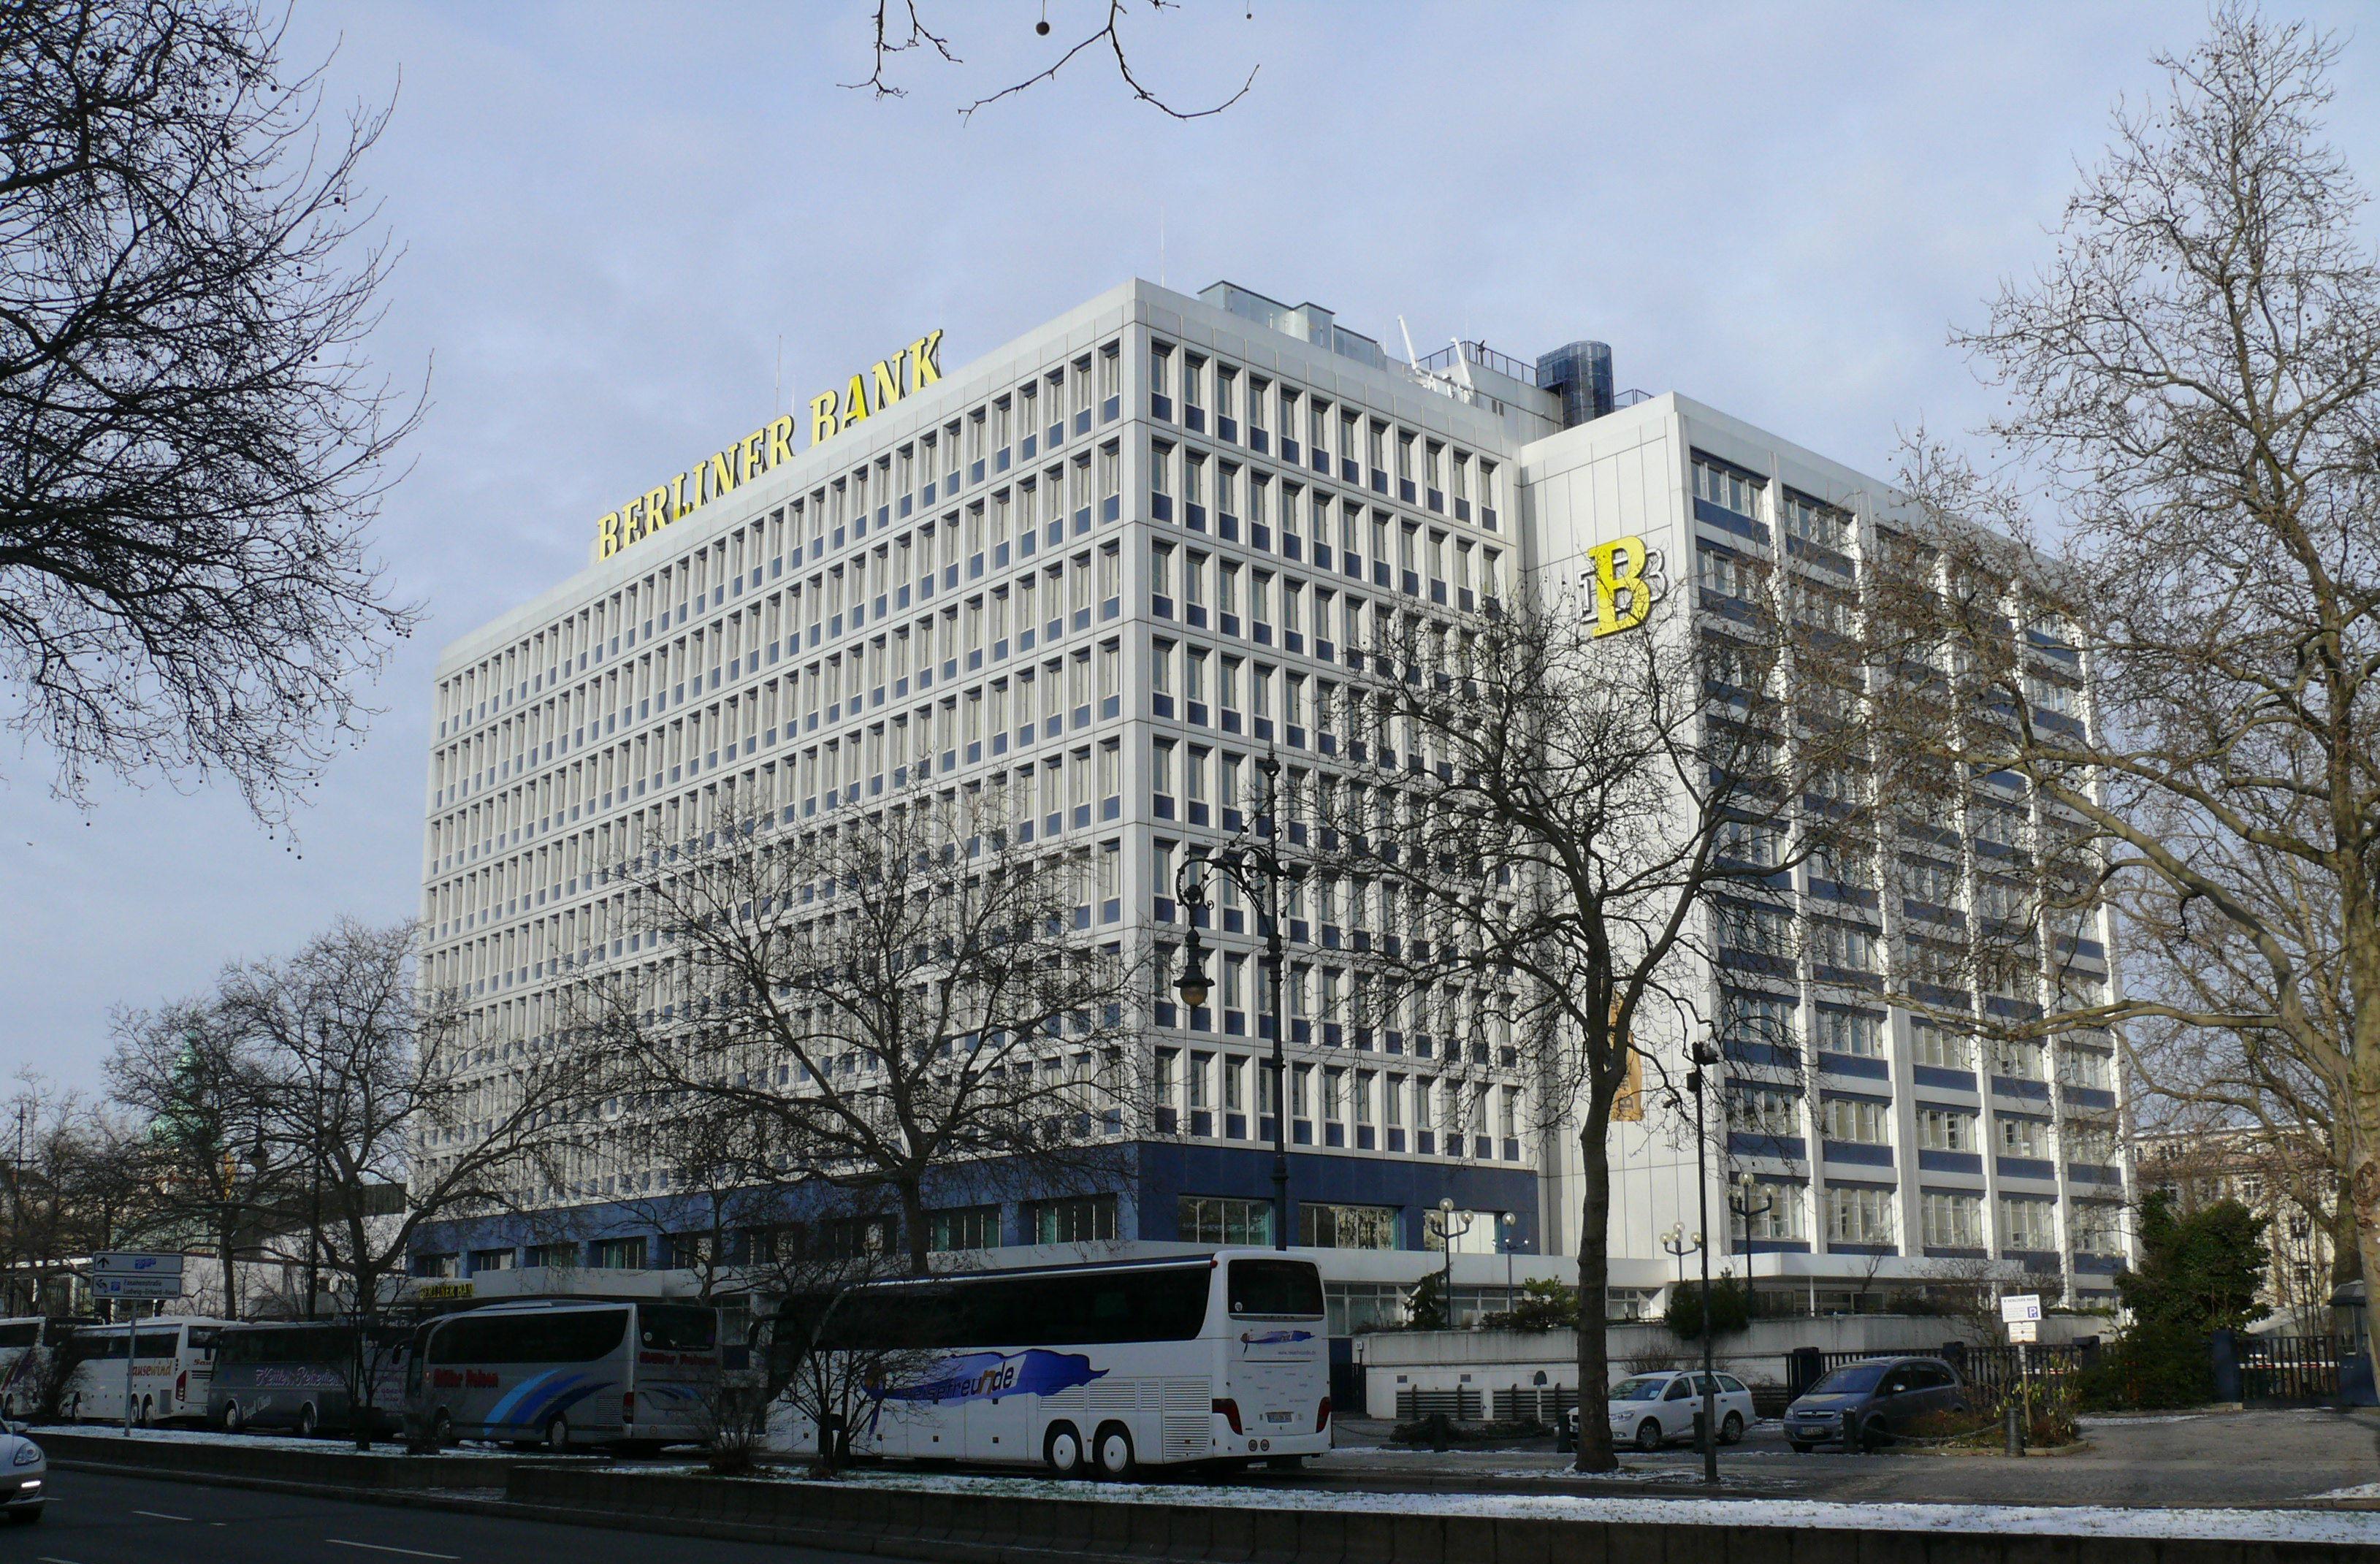 File:Charlottenburg Hardenbergstraße Berliner Bank-001.jpg ... on